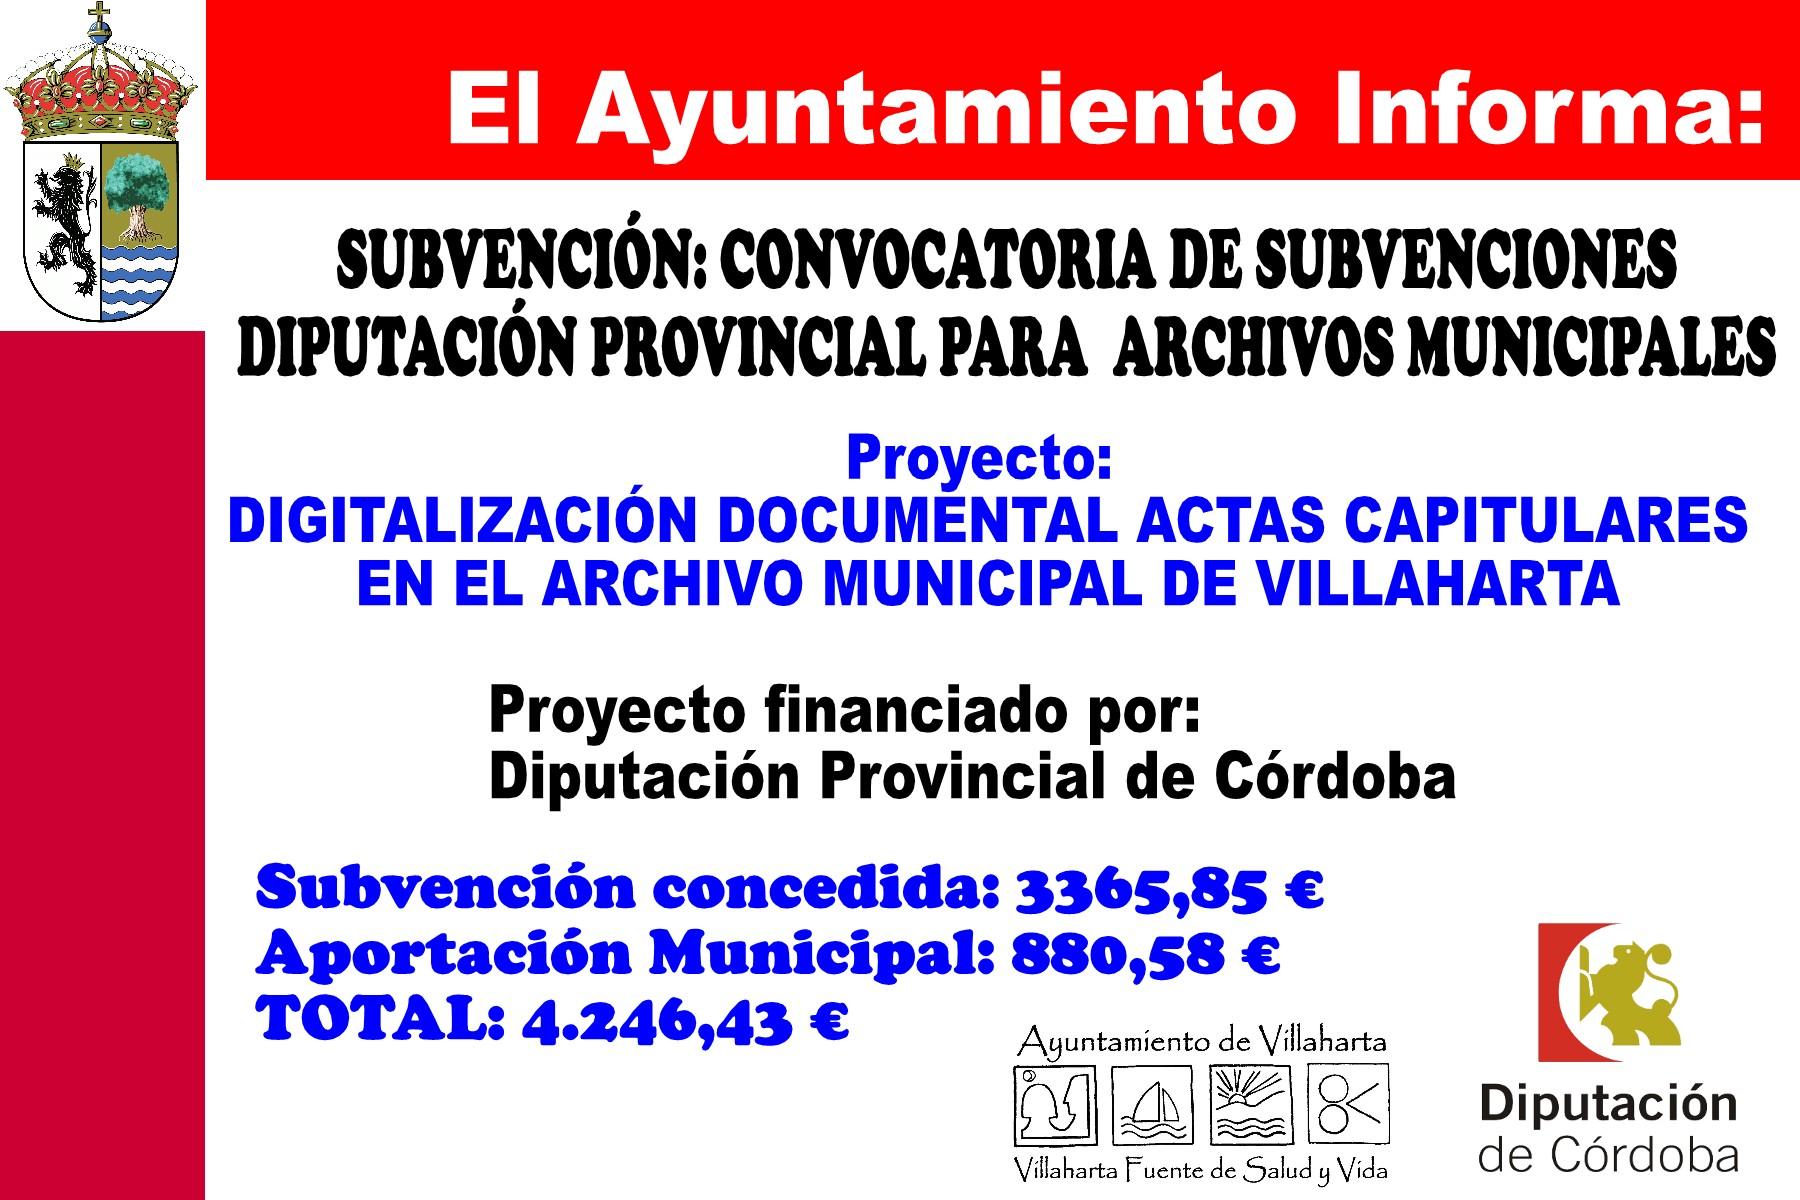 SUBVENCIONES RECIBIDAS. 2016 8